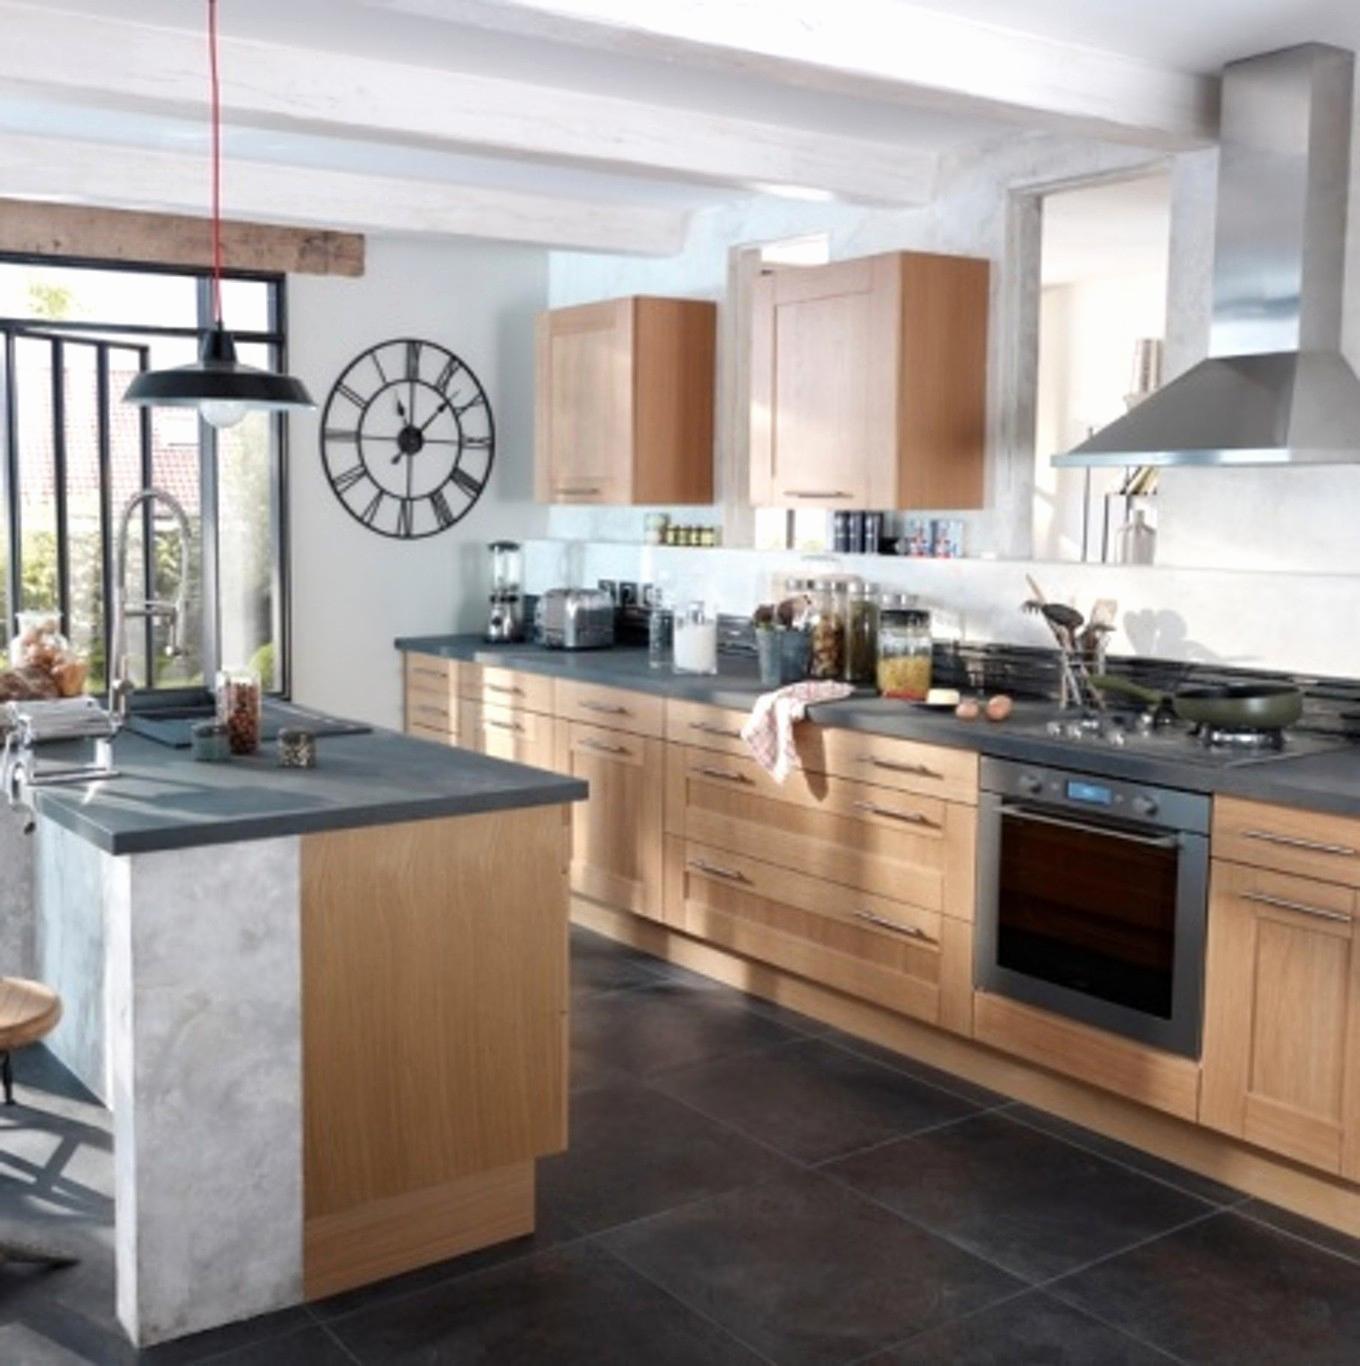 Castorama Plan De Travail Cuisine Impressionnant Photos Cuisine Castorama 3d Luxe 25 élégant Plan De Travail Cuisine